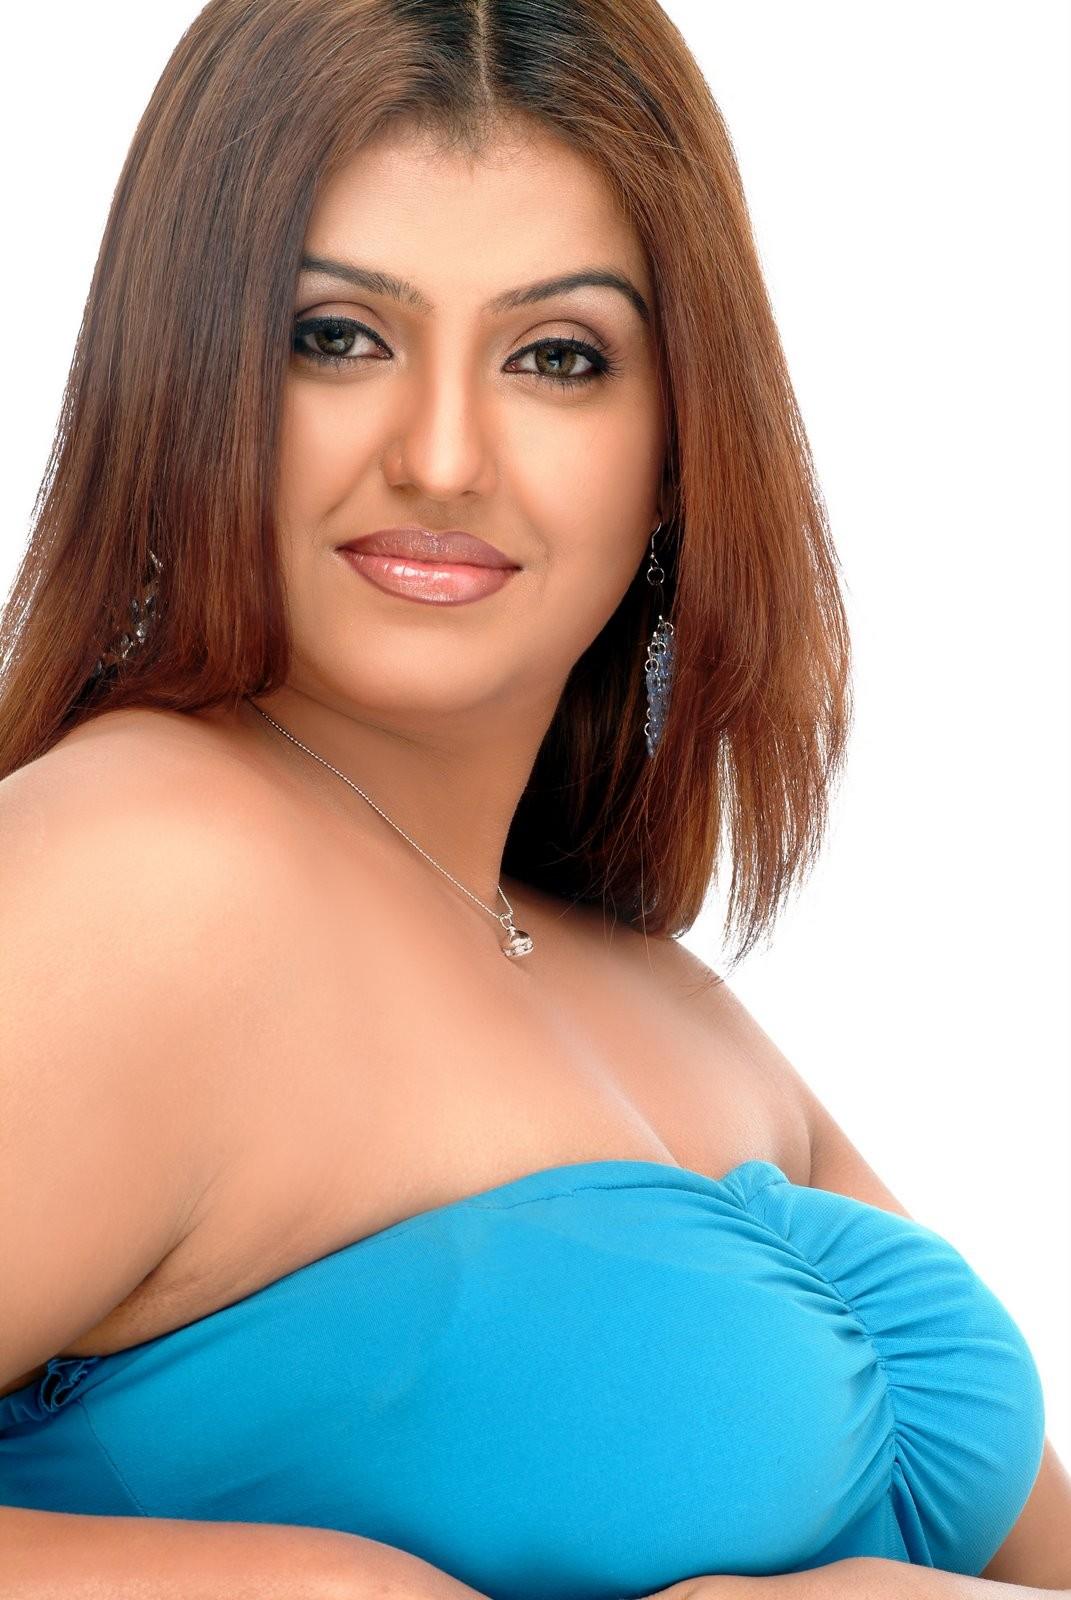 http://3.bp.blogspot.com/-GDKET5hVNlE/TiH7KgI2TAI/AAAAAAAALb0/gY5VBOqt2uc/s1600/Tamil-masala-Actress-Sona-Heiden-Pos-0031.jpg?sona-collection